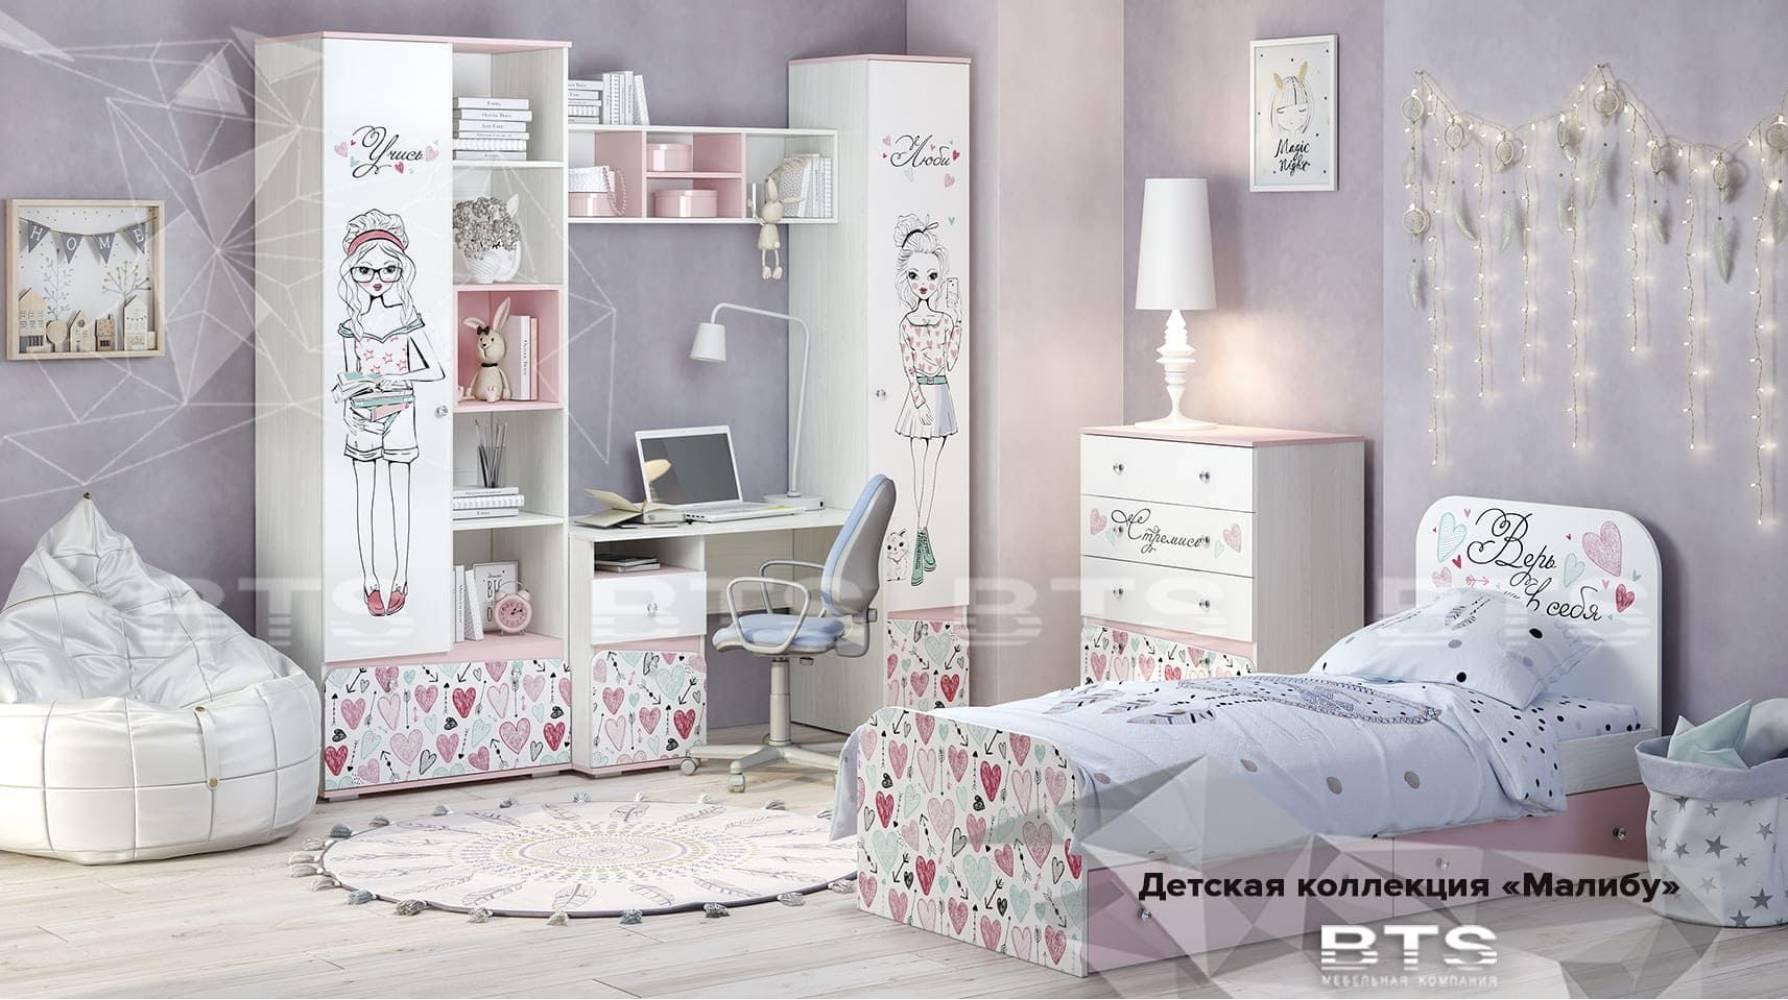 Детская комната Малибу. Комплект 3